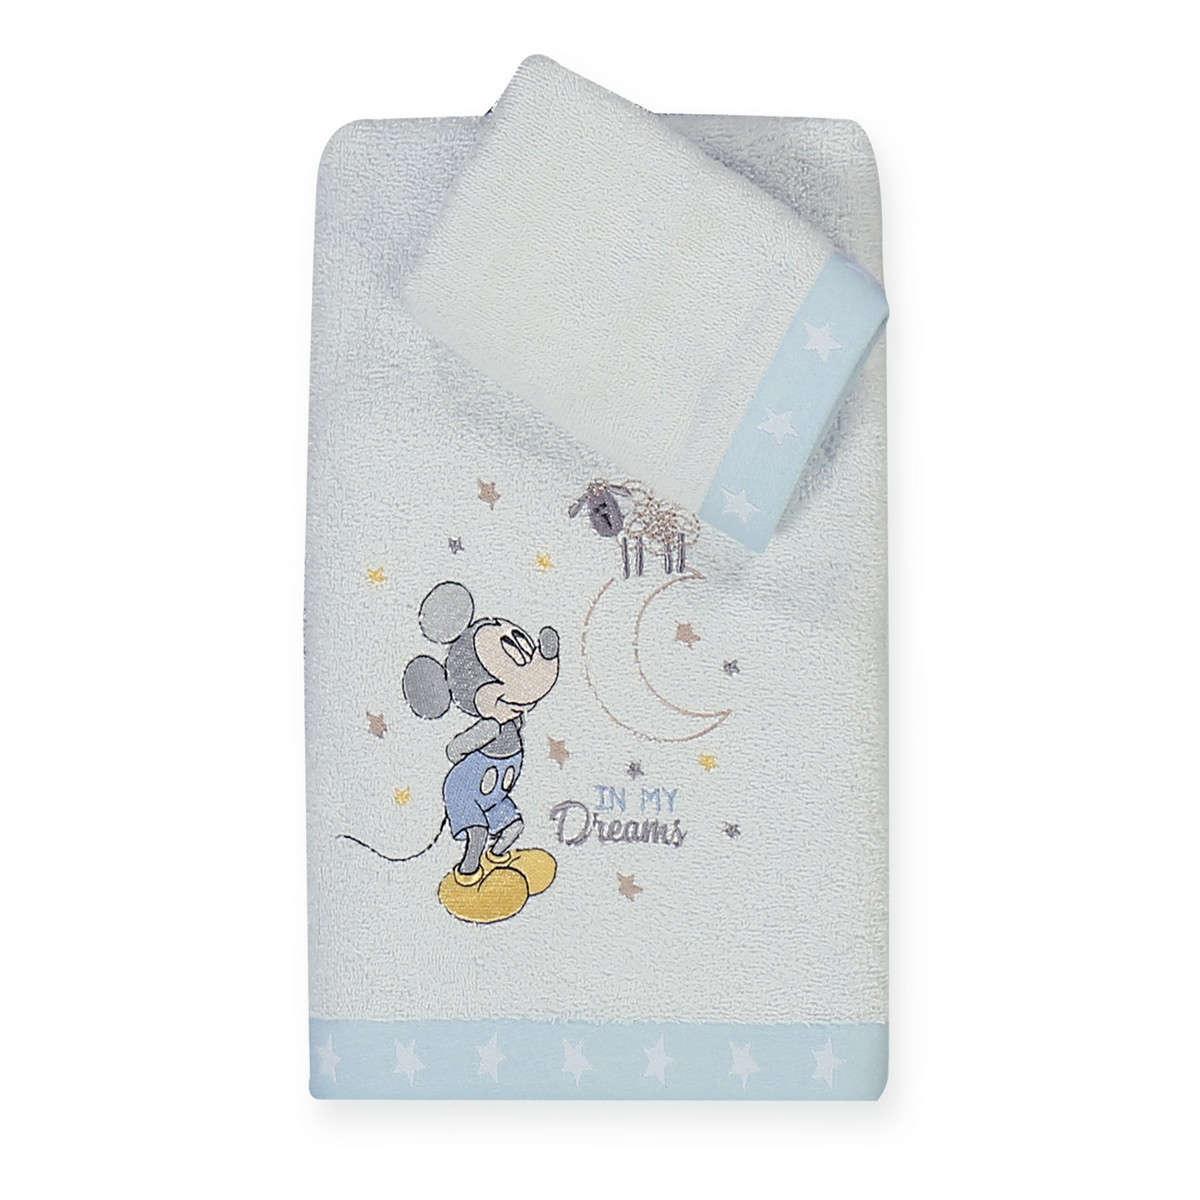 Πετσέτα Βρεφική Mickey's Dreams 2τμχ White – Light Blue Nef- Nef Σετ Πετσέτες